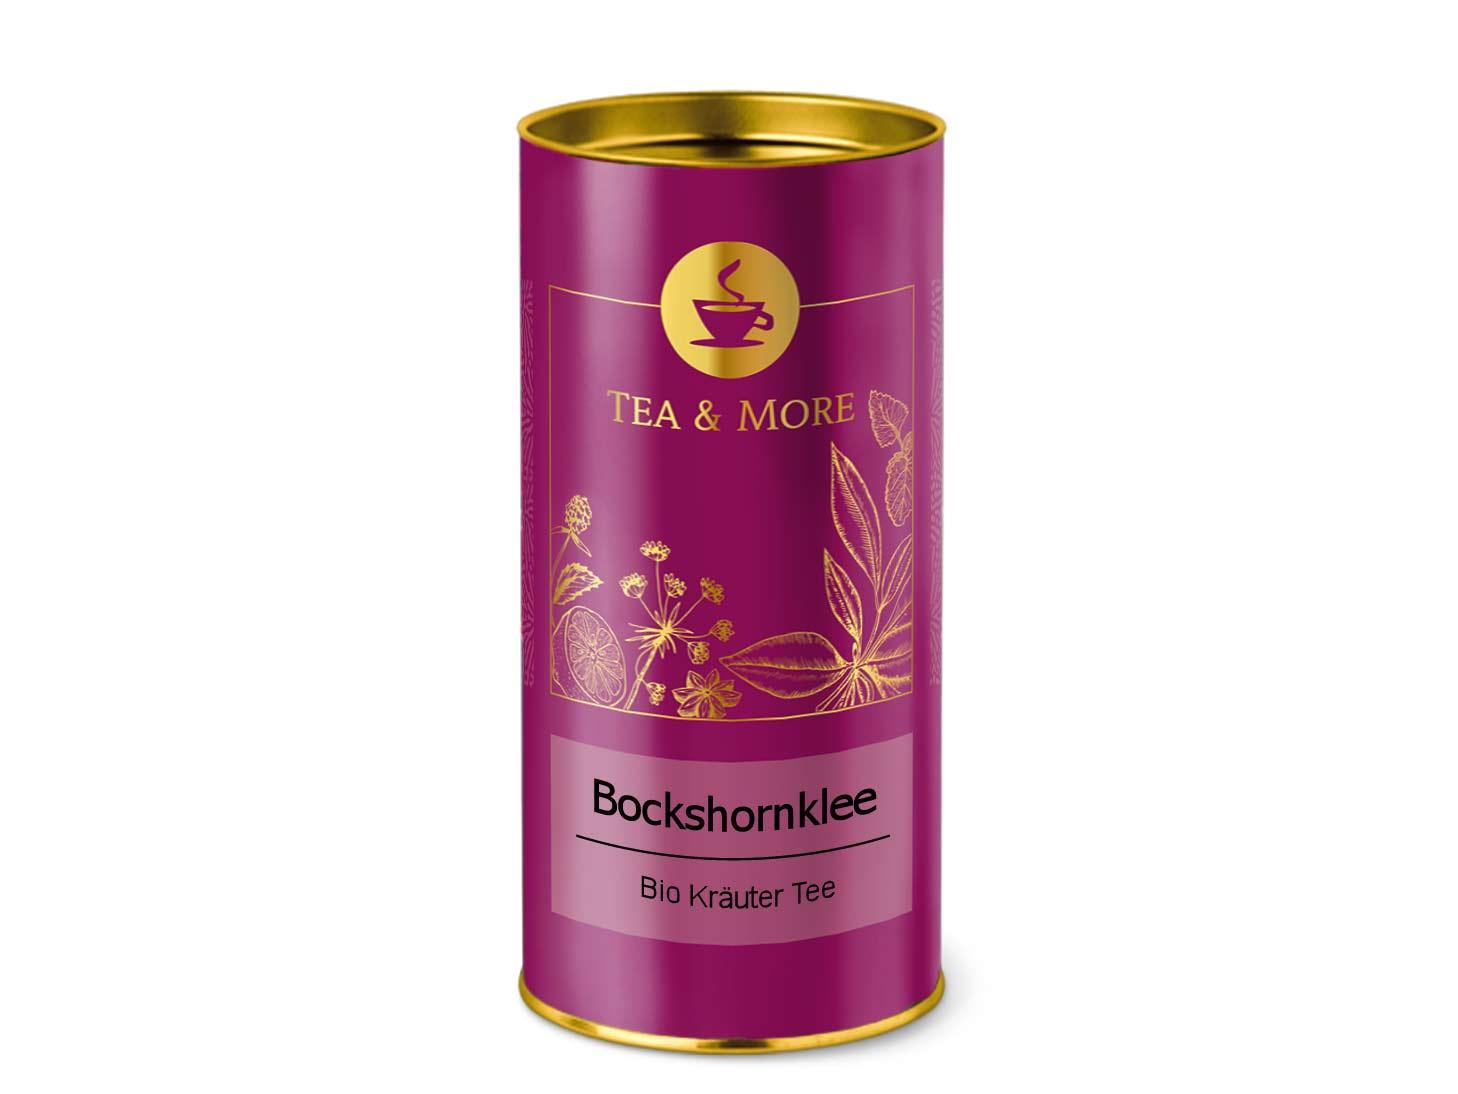 Bockshornklee (Trigonella foenum-graecum) (Bio)